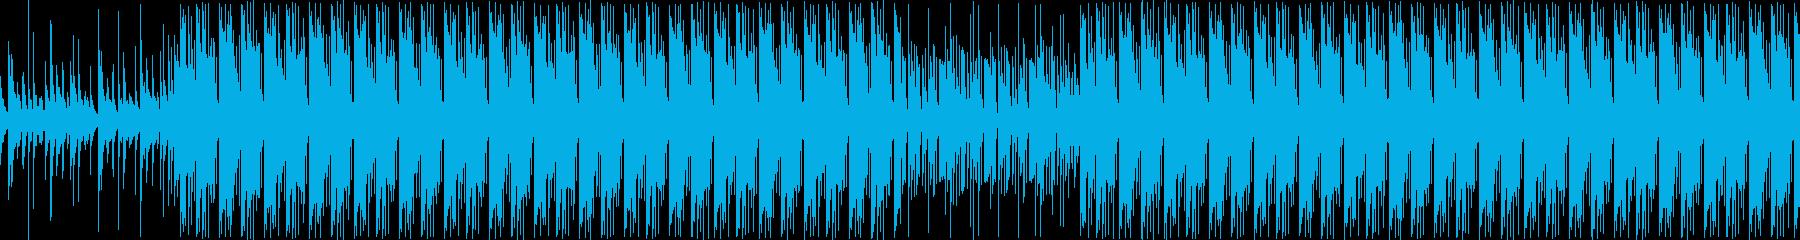 三味線を使った和風Trapの再生済みの波形